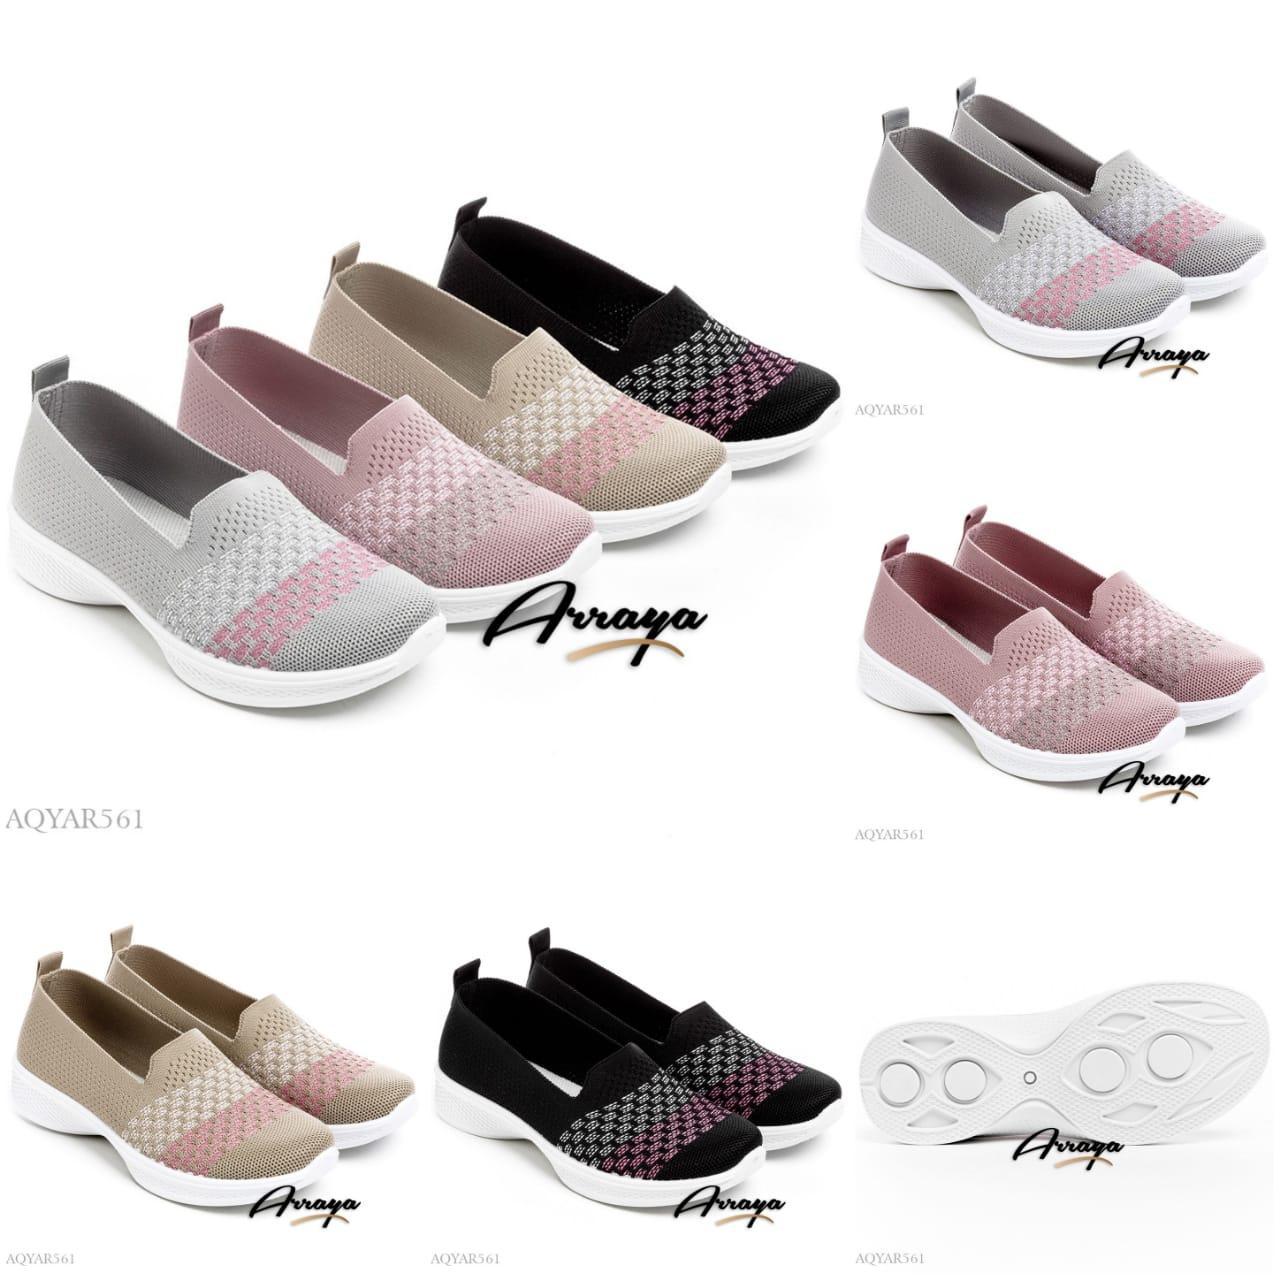 RESTOCK Sneakers Arraya Flyknit